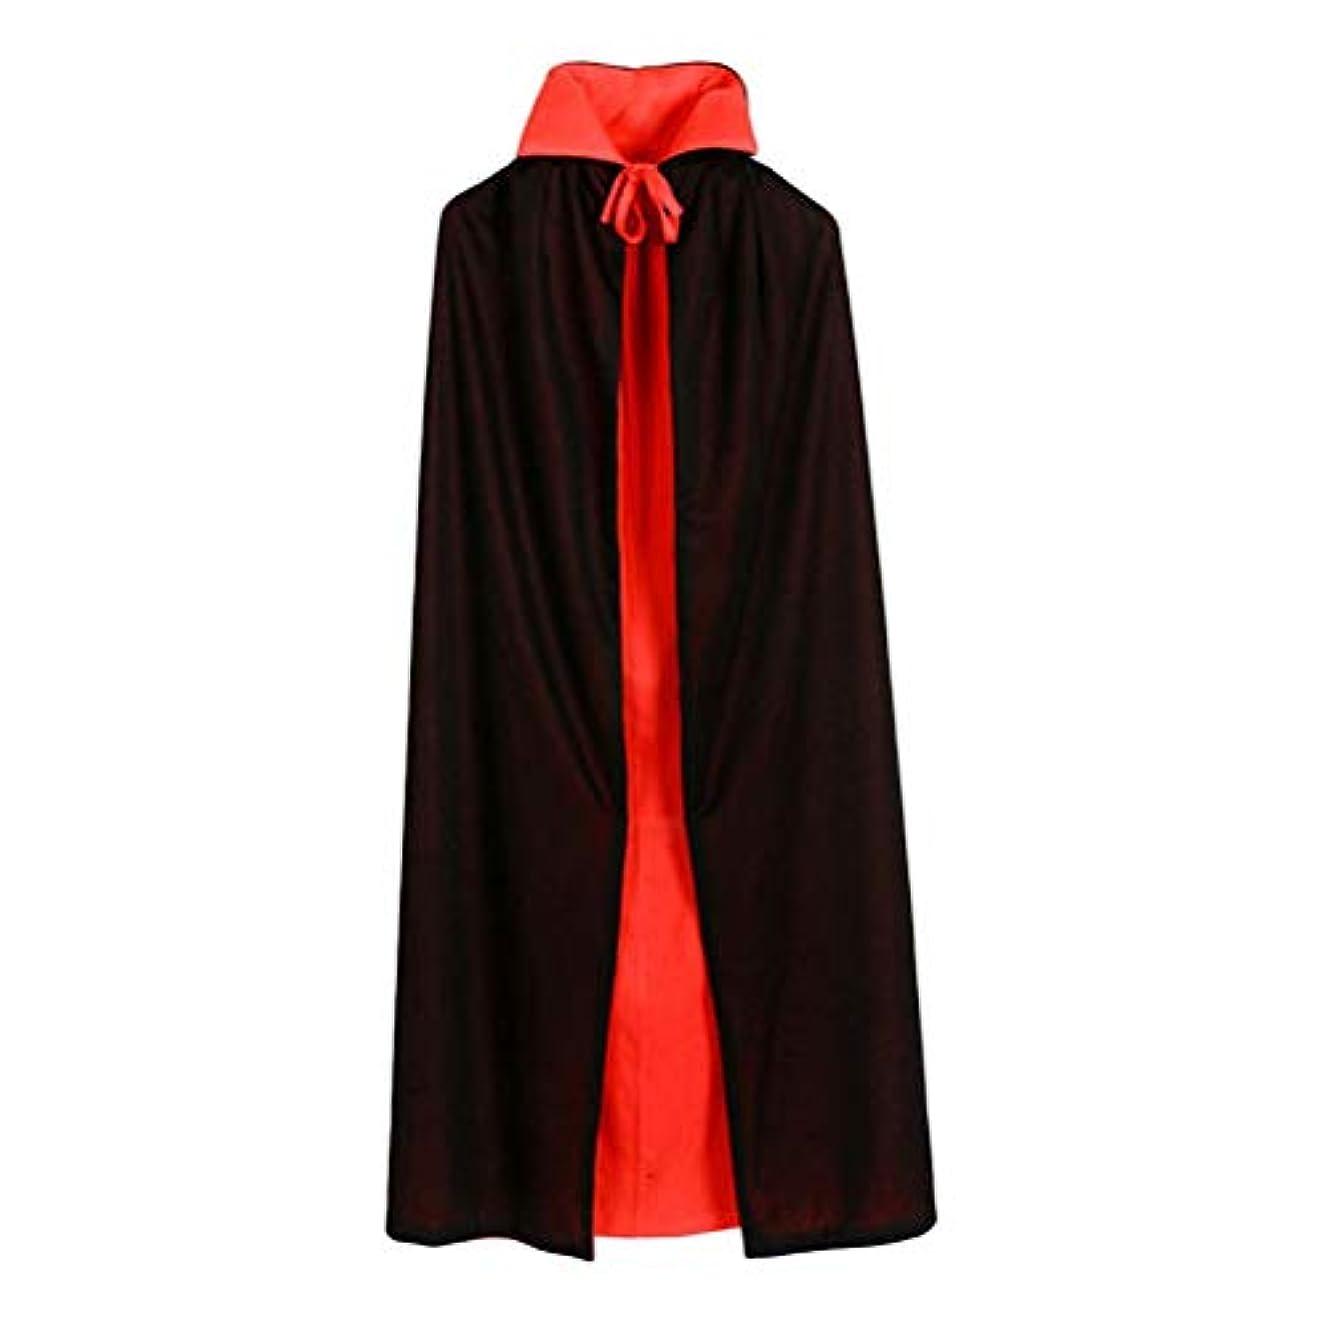 換気扱うヒューバートハドソンToyvian ヴァンパイアマント二重層黒と赤のフード付きマントヴァンパイアコスチュームコスプレケープは男の子と女の子のためにドレスアップ(90cmストレートカラーダブルマント)